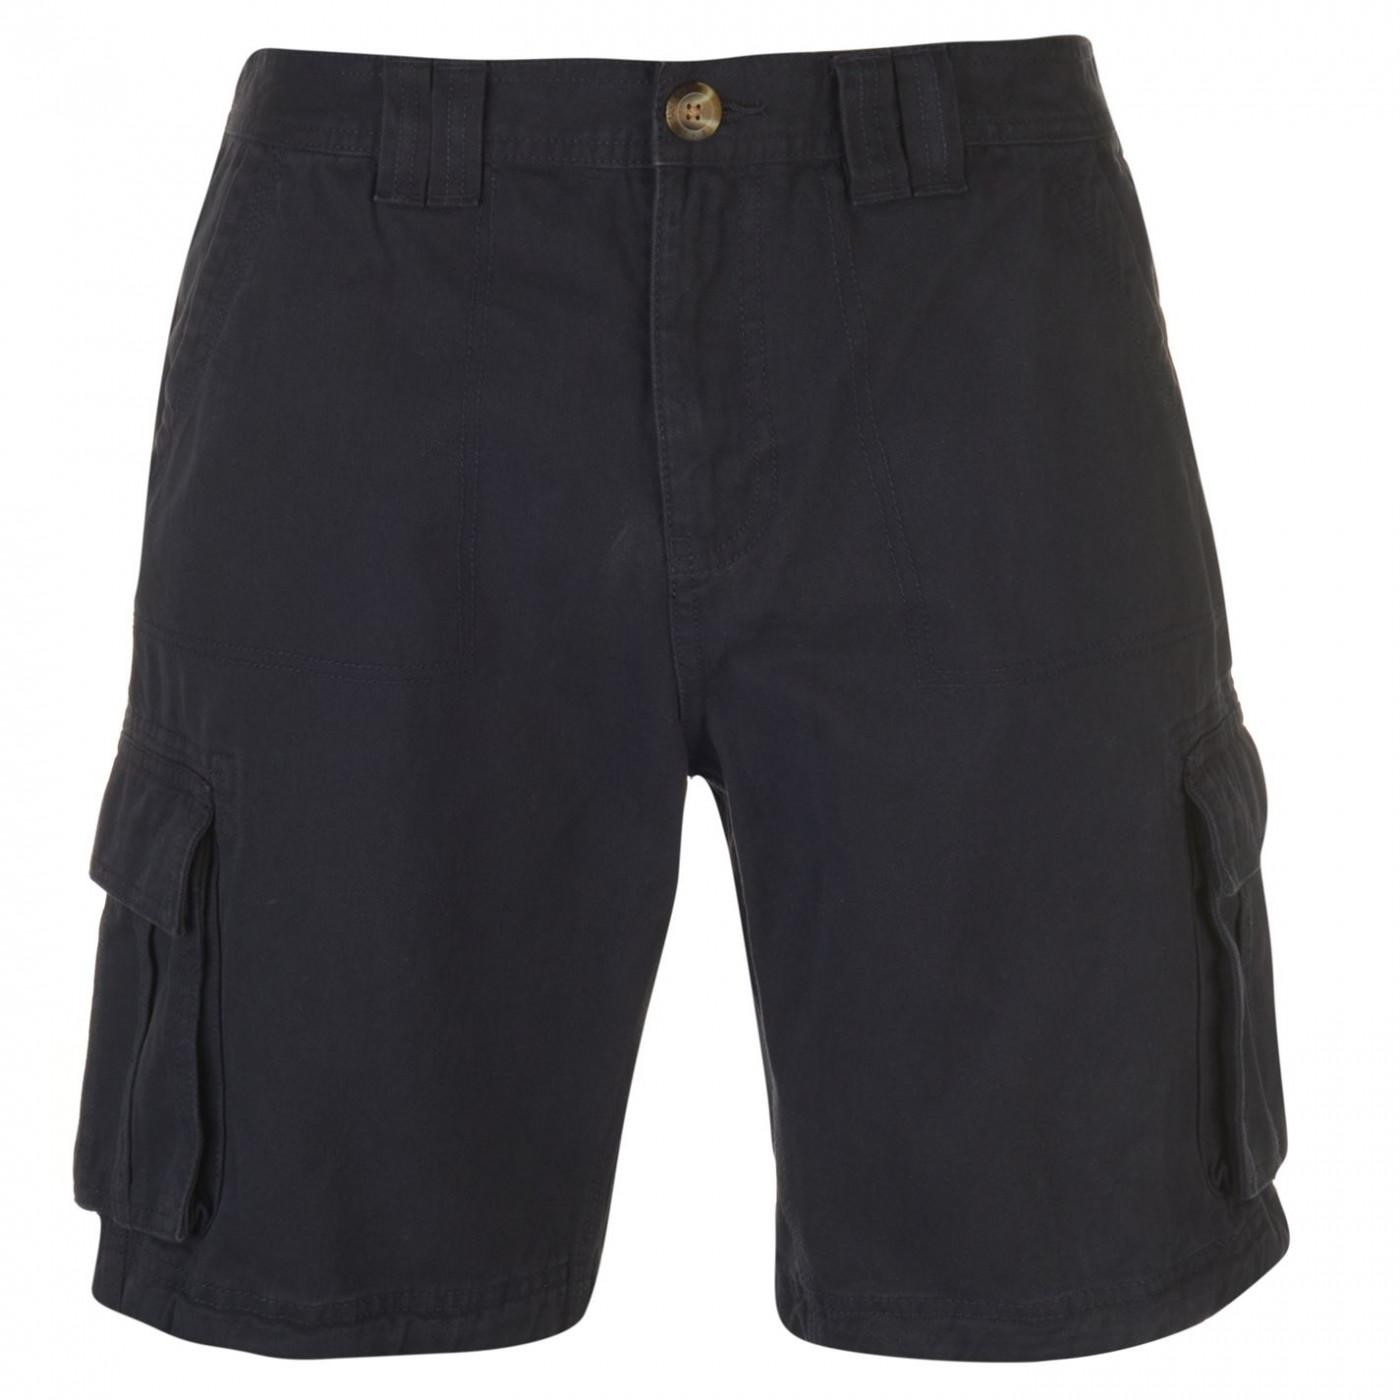 Men's shorts SoulCal Utility